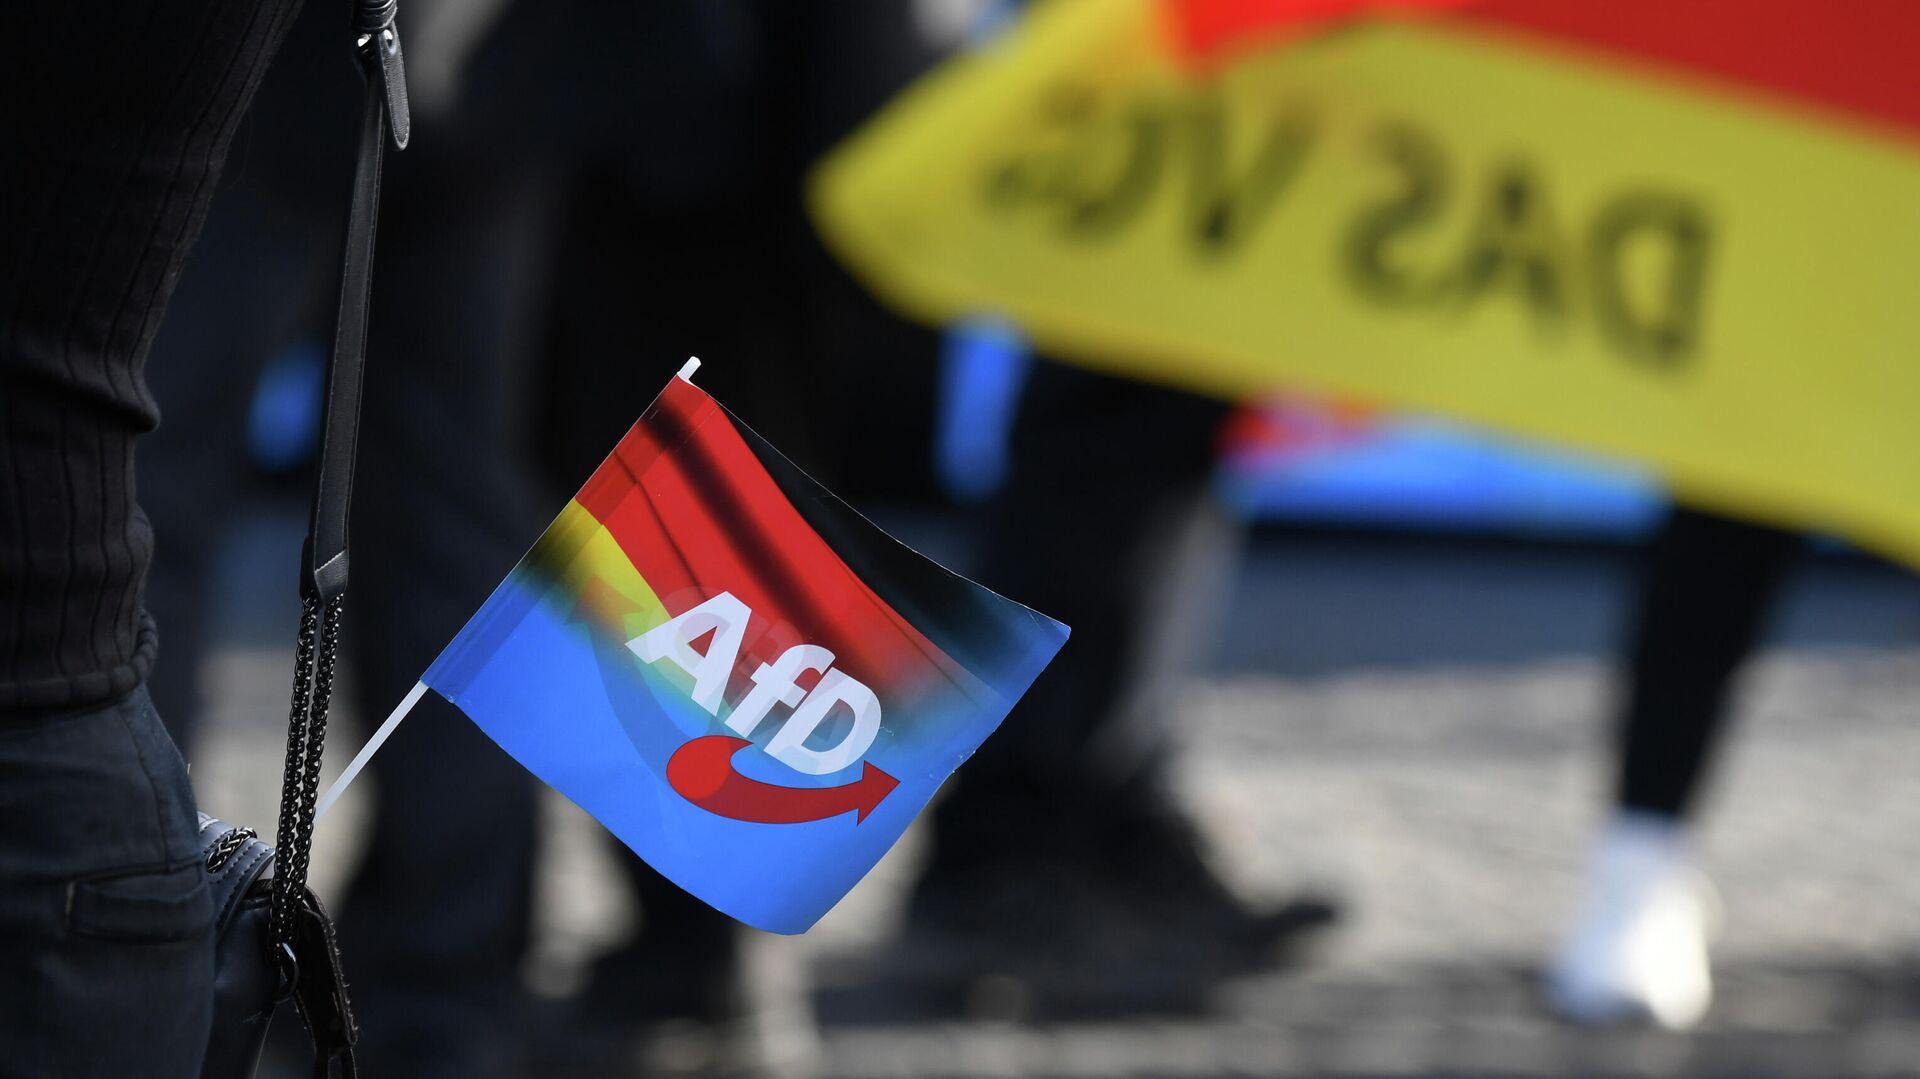 Eine Flagge der AfD (Alternative für Deutschland),  26. Oktober 2019, Erfurt  - SNA, 1920, 22.01.2021